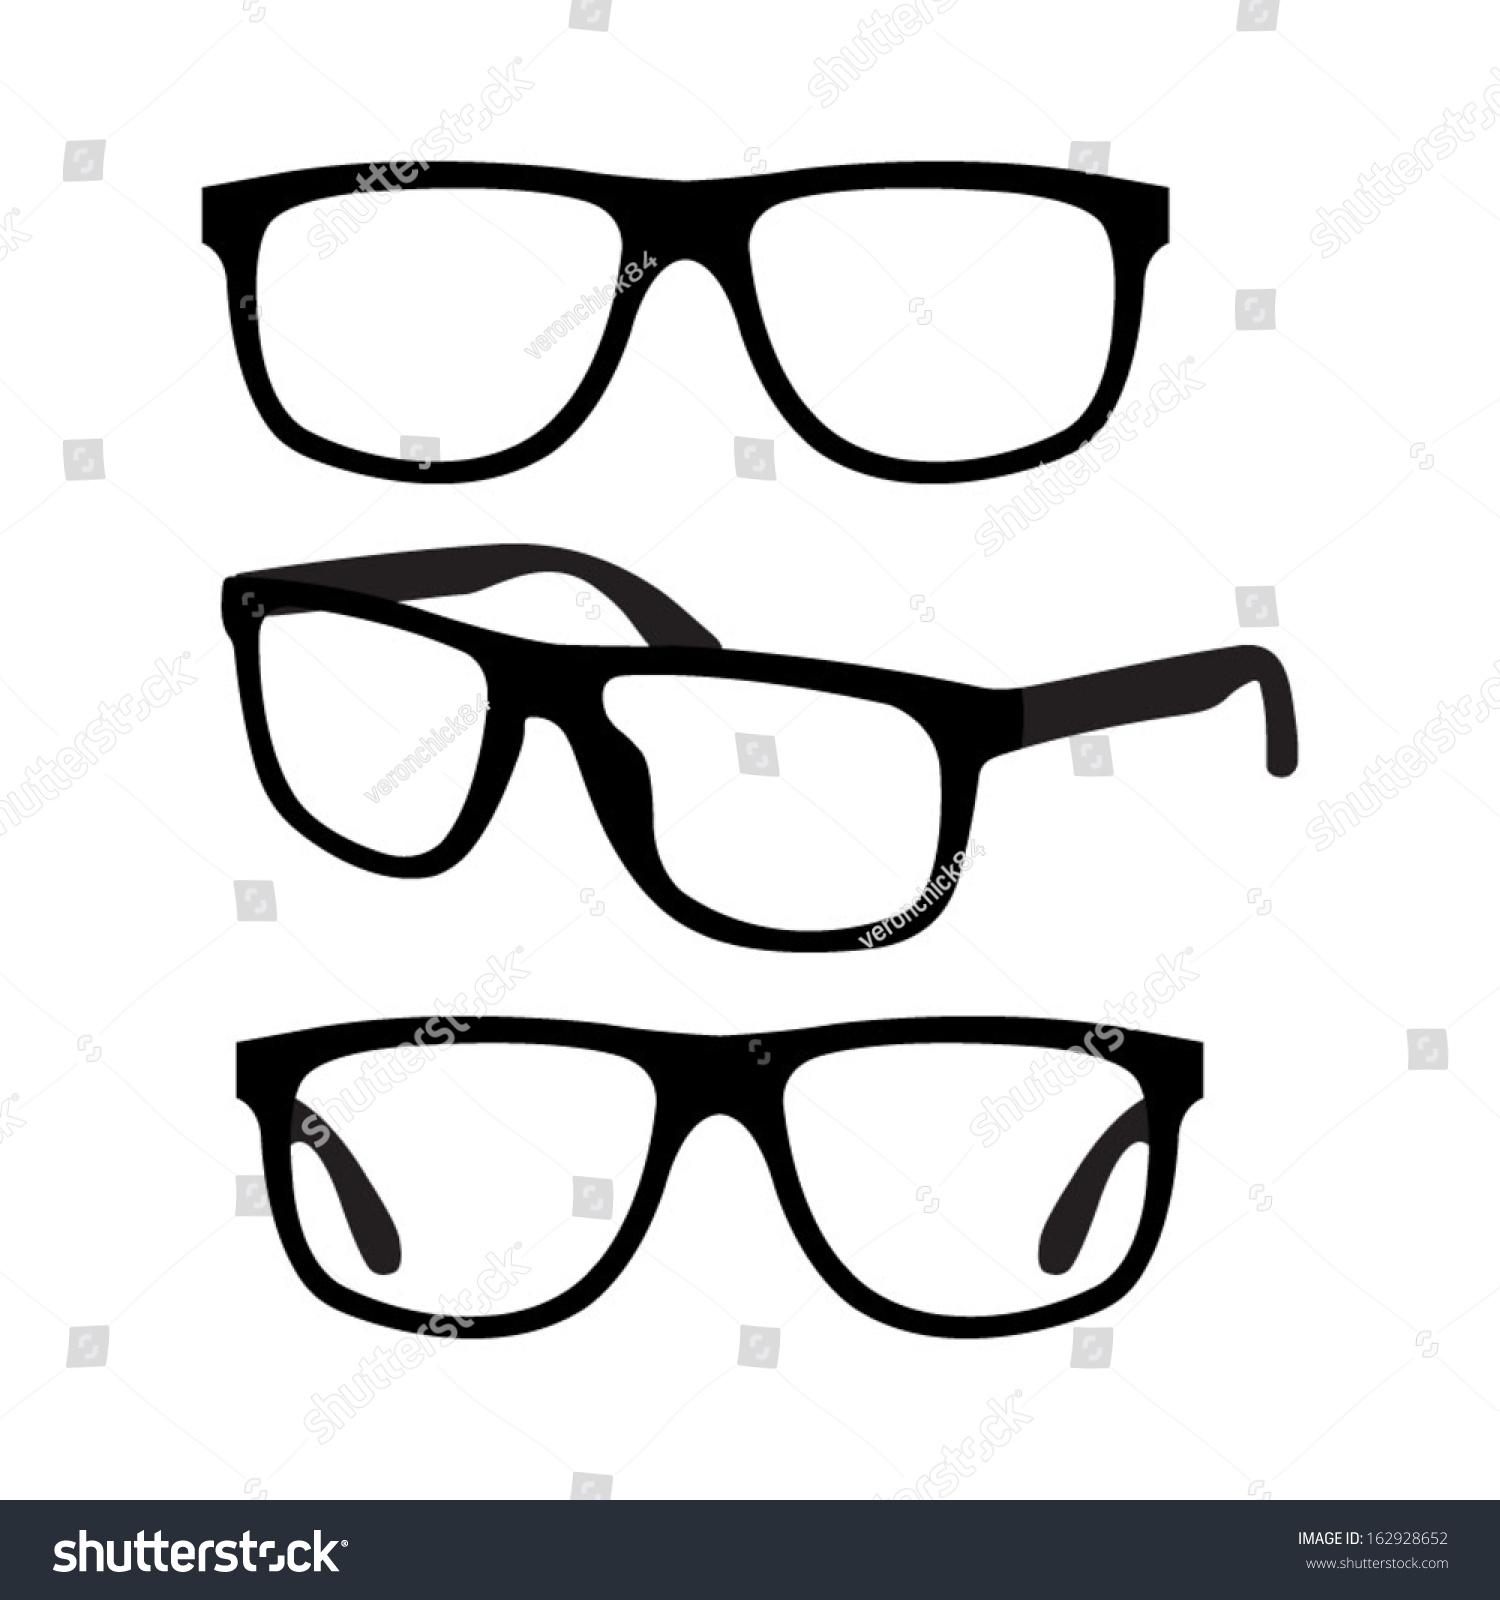 Glasses Frames Vector : Glasses Vector Set - 162928652 : Shutterstock